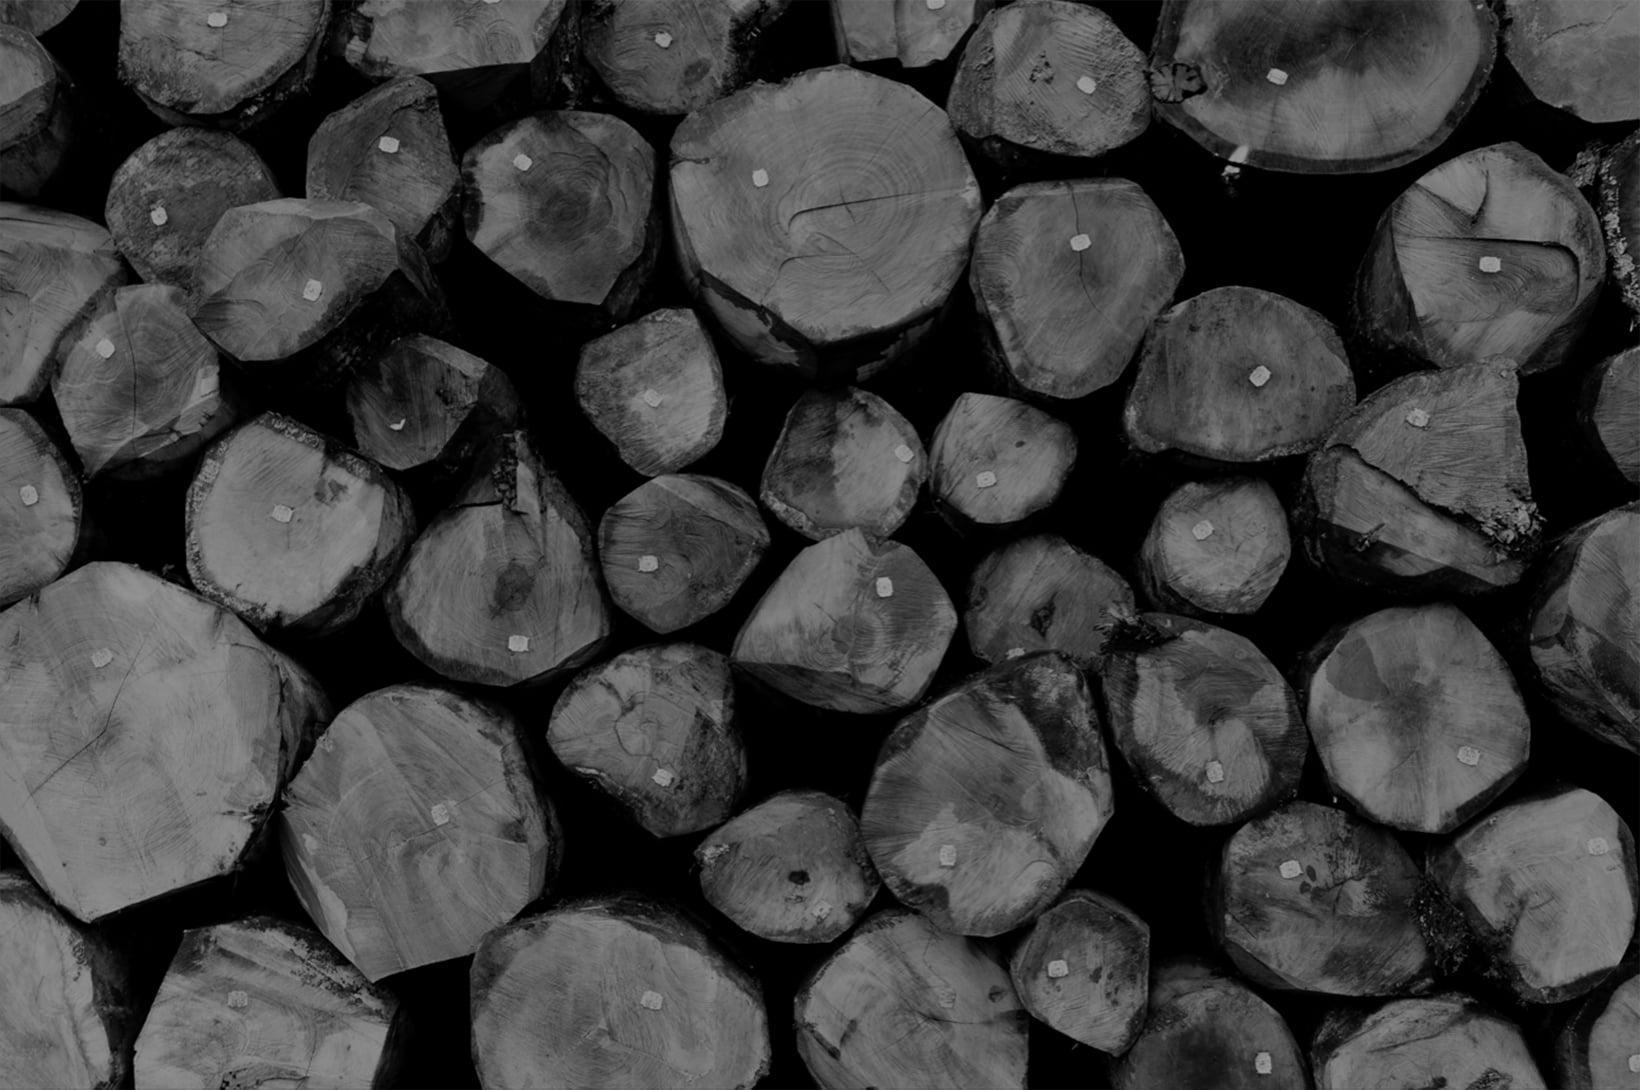 Moskito parquets Barcelona foto troncos árboles en blanco y negro